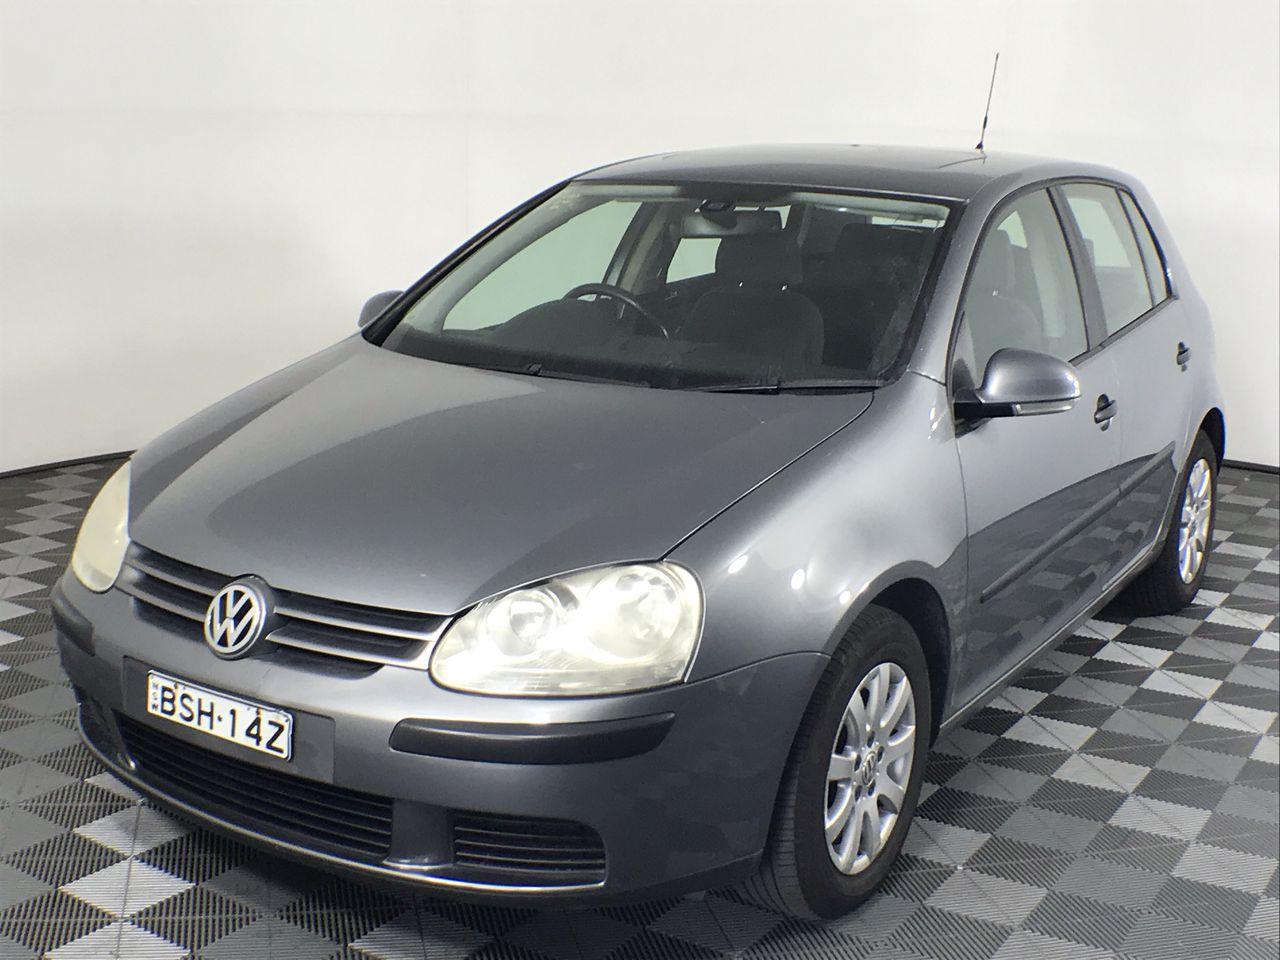 2005 Volkswagen Golf 1.6 Comfortline 1k Automatic Hatchback